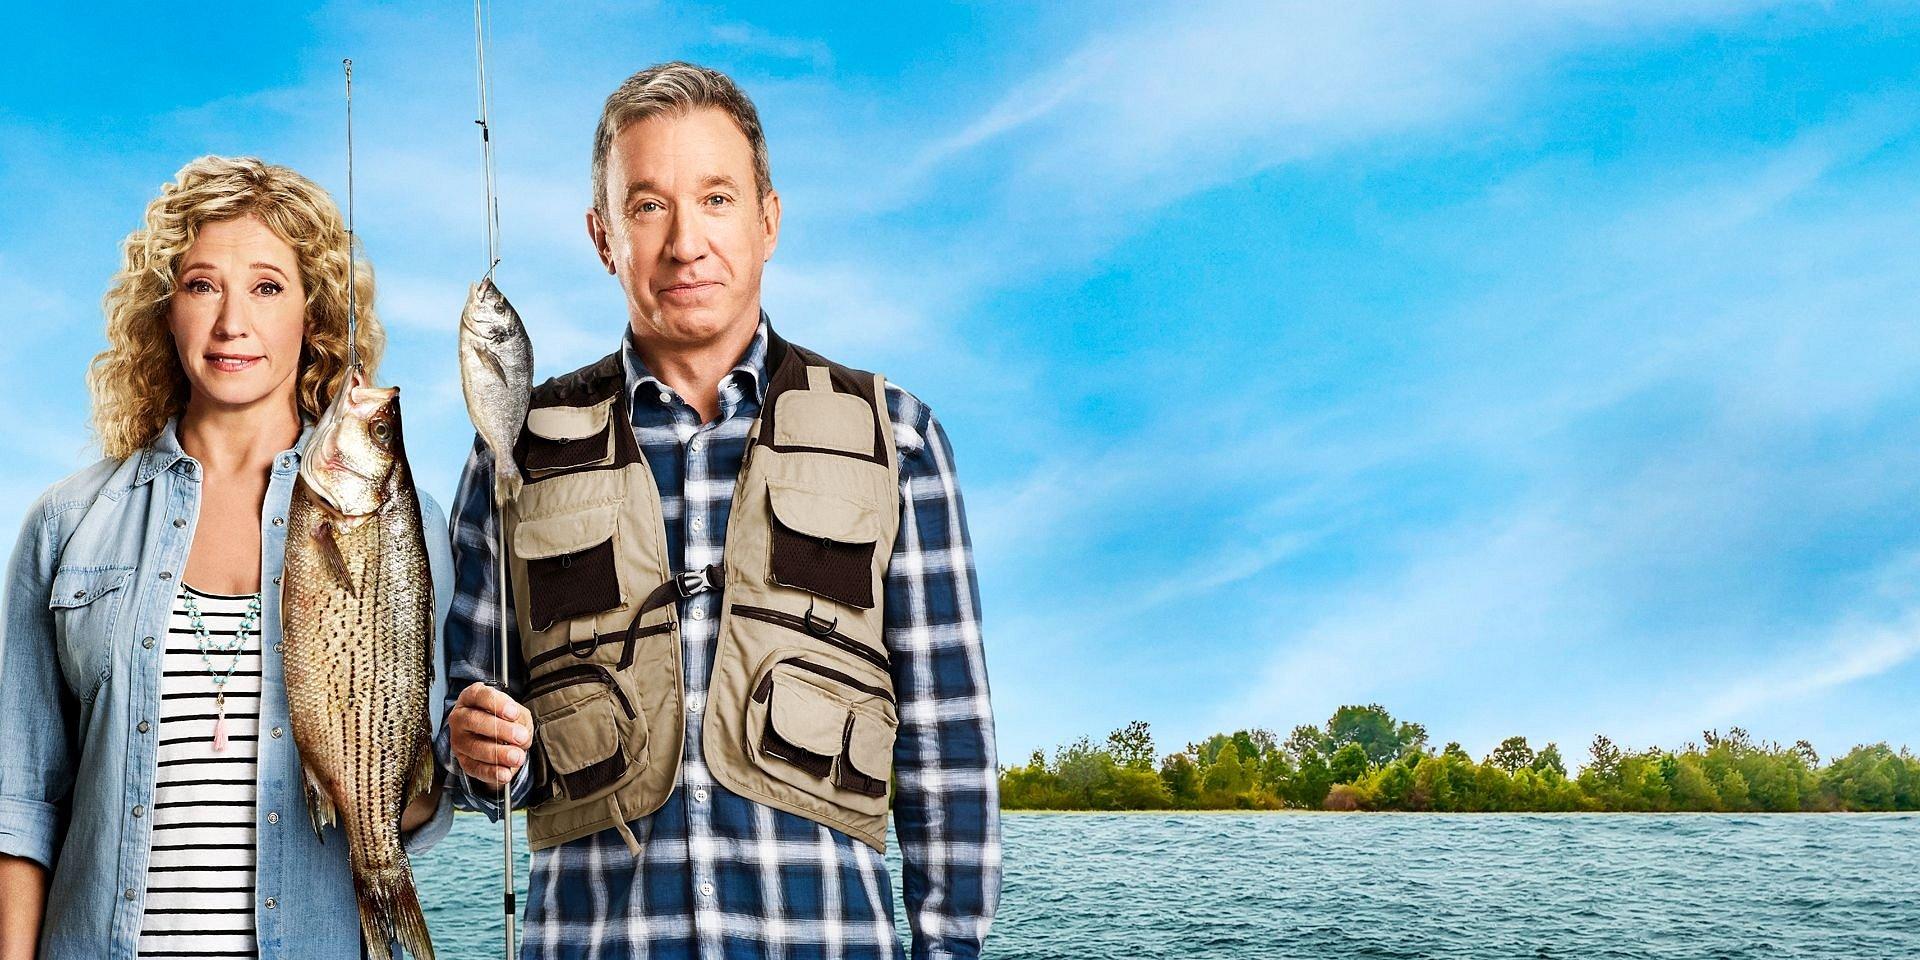 Najbardziej niepoprawny politycznie serial powraca! 7. sezon Ostatniego prawdziwego mężczyzny na kanale FOX Comedy!